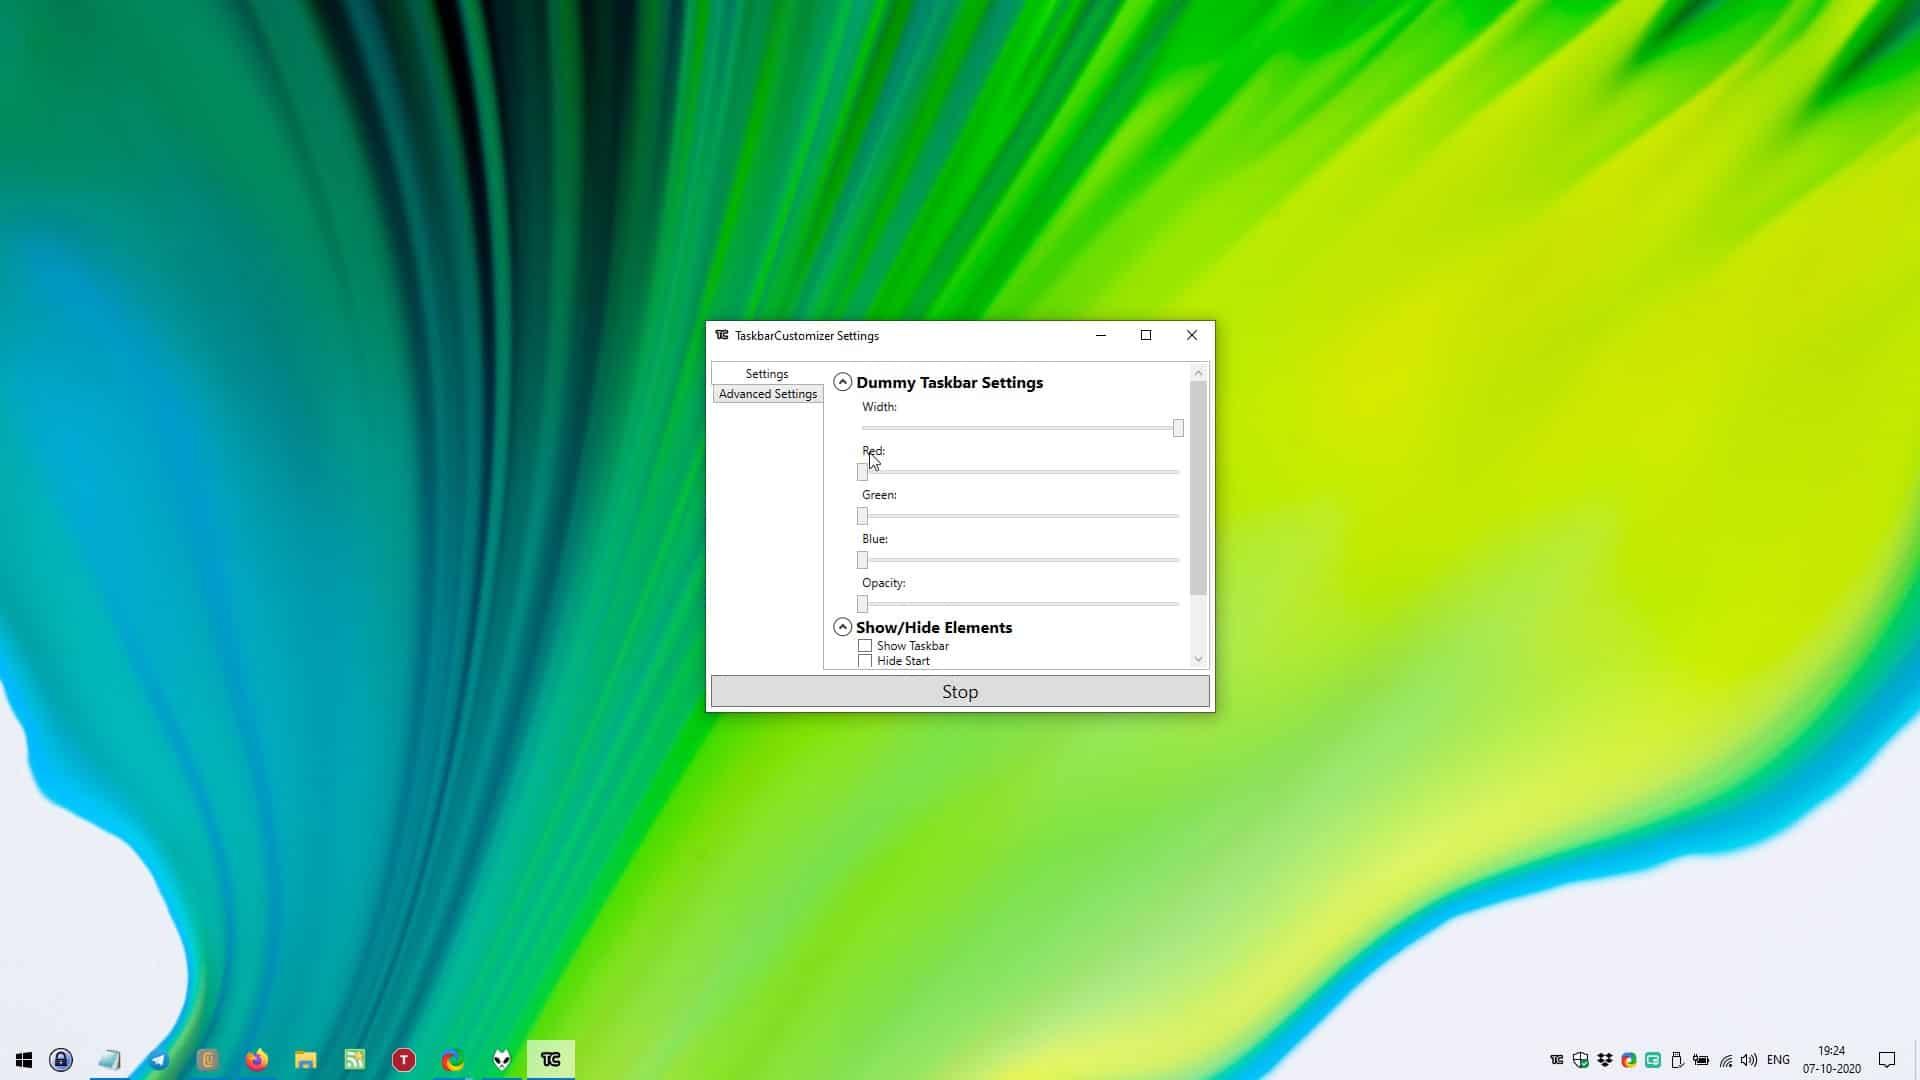 TaskbarCustomizer settings width